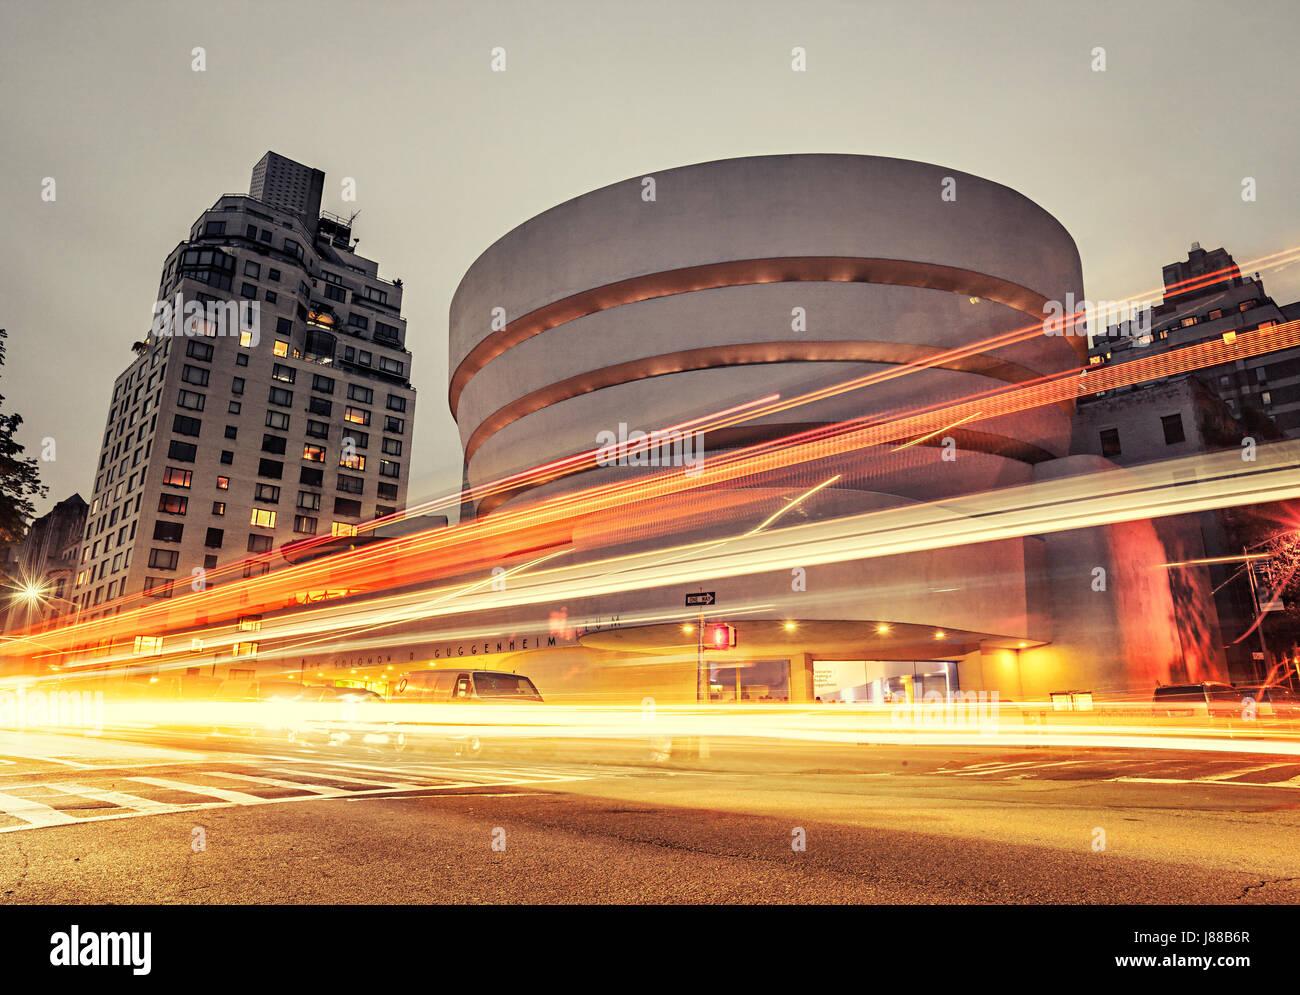 New York City, Guggenheim museum at night - Stock Image